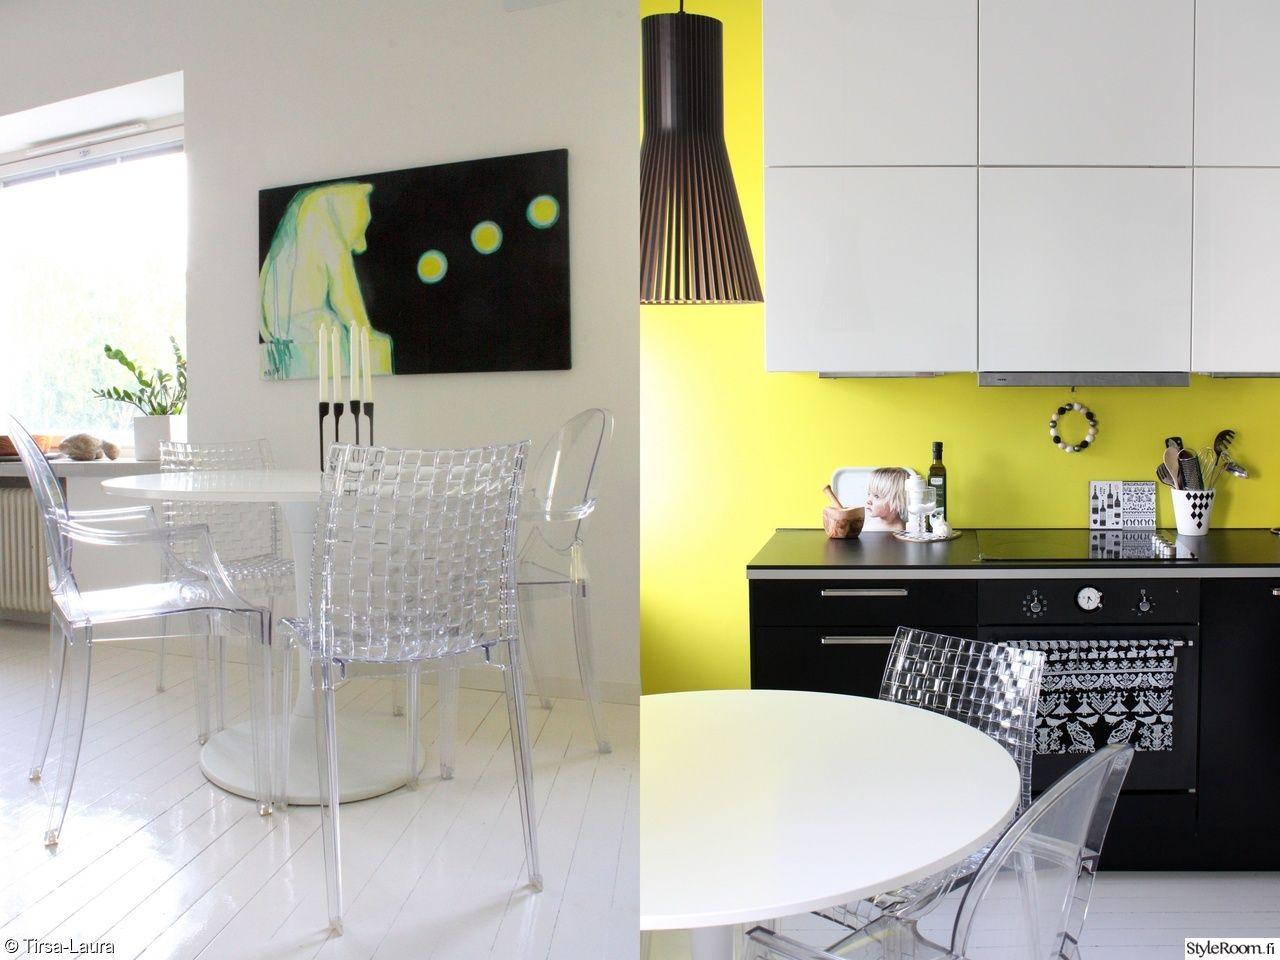 Mustavalkoinen, keltainen seinä, taulu.